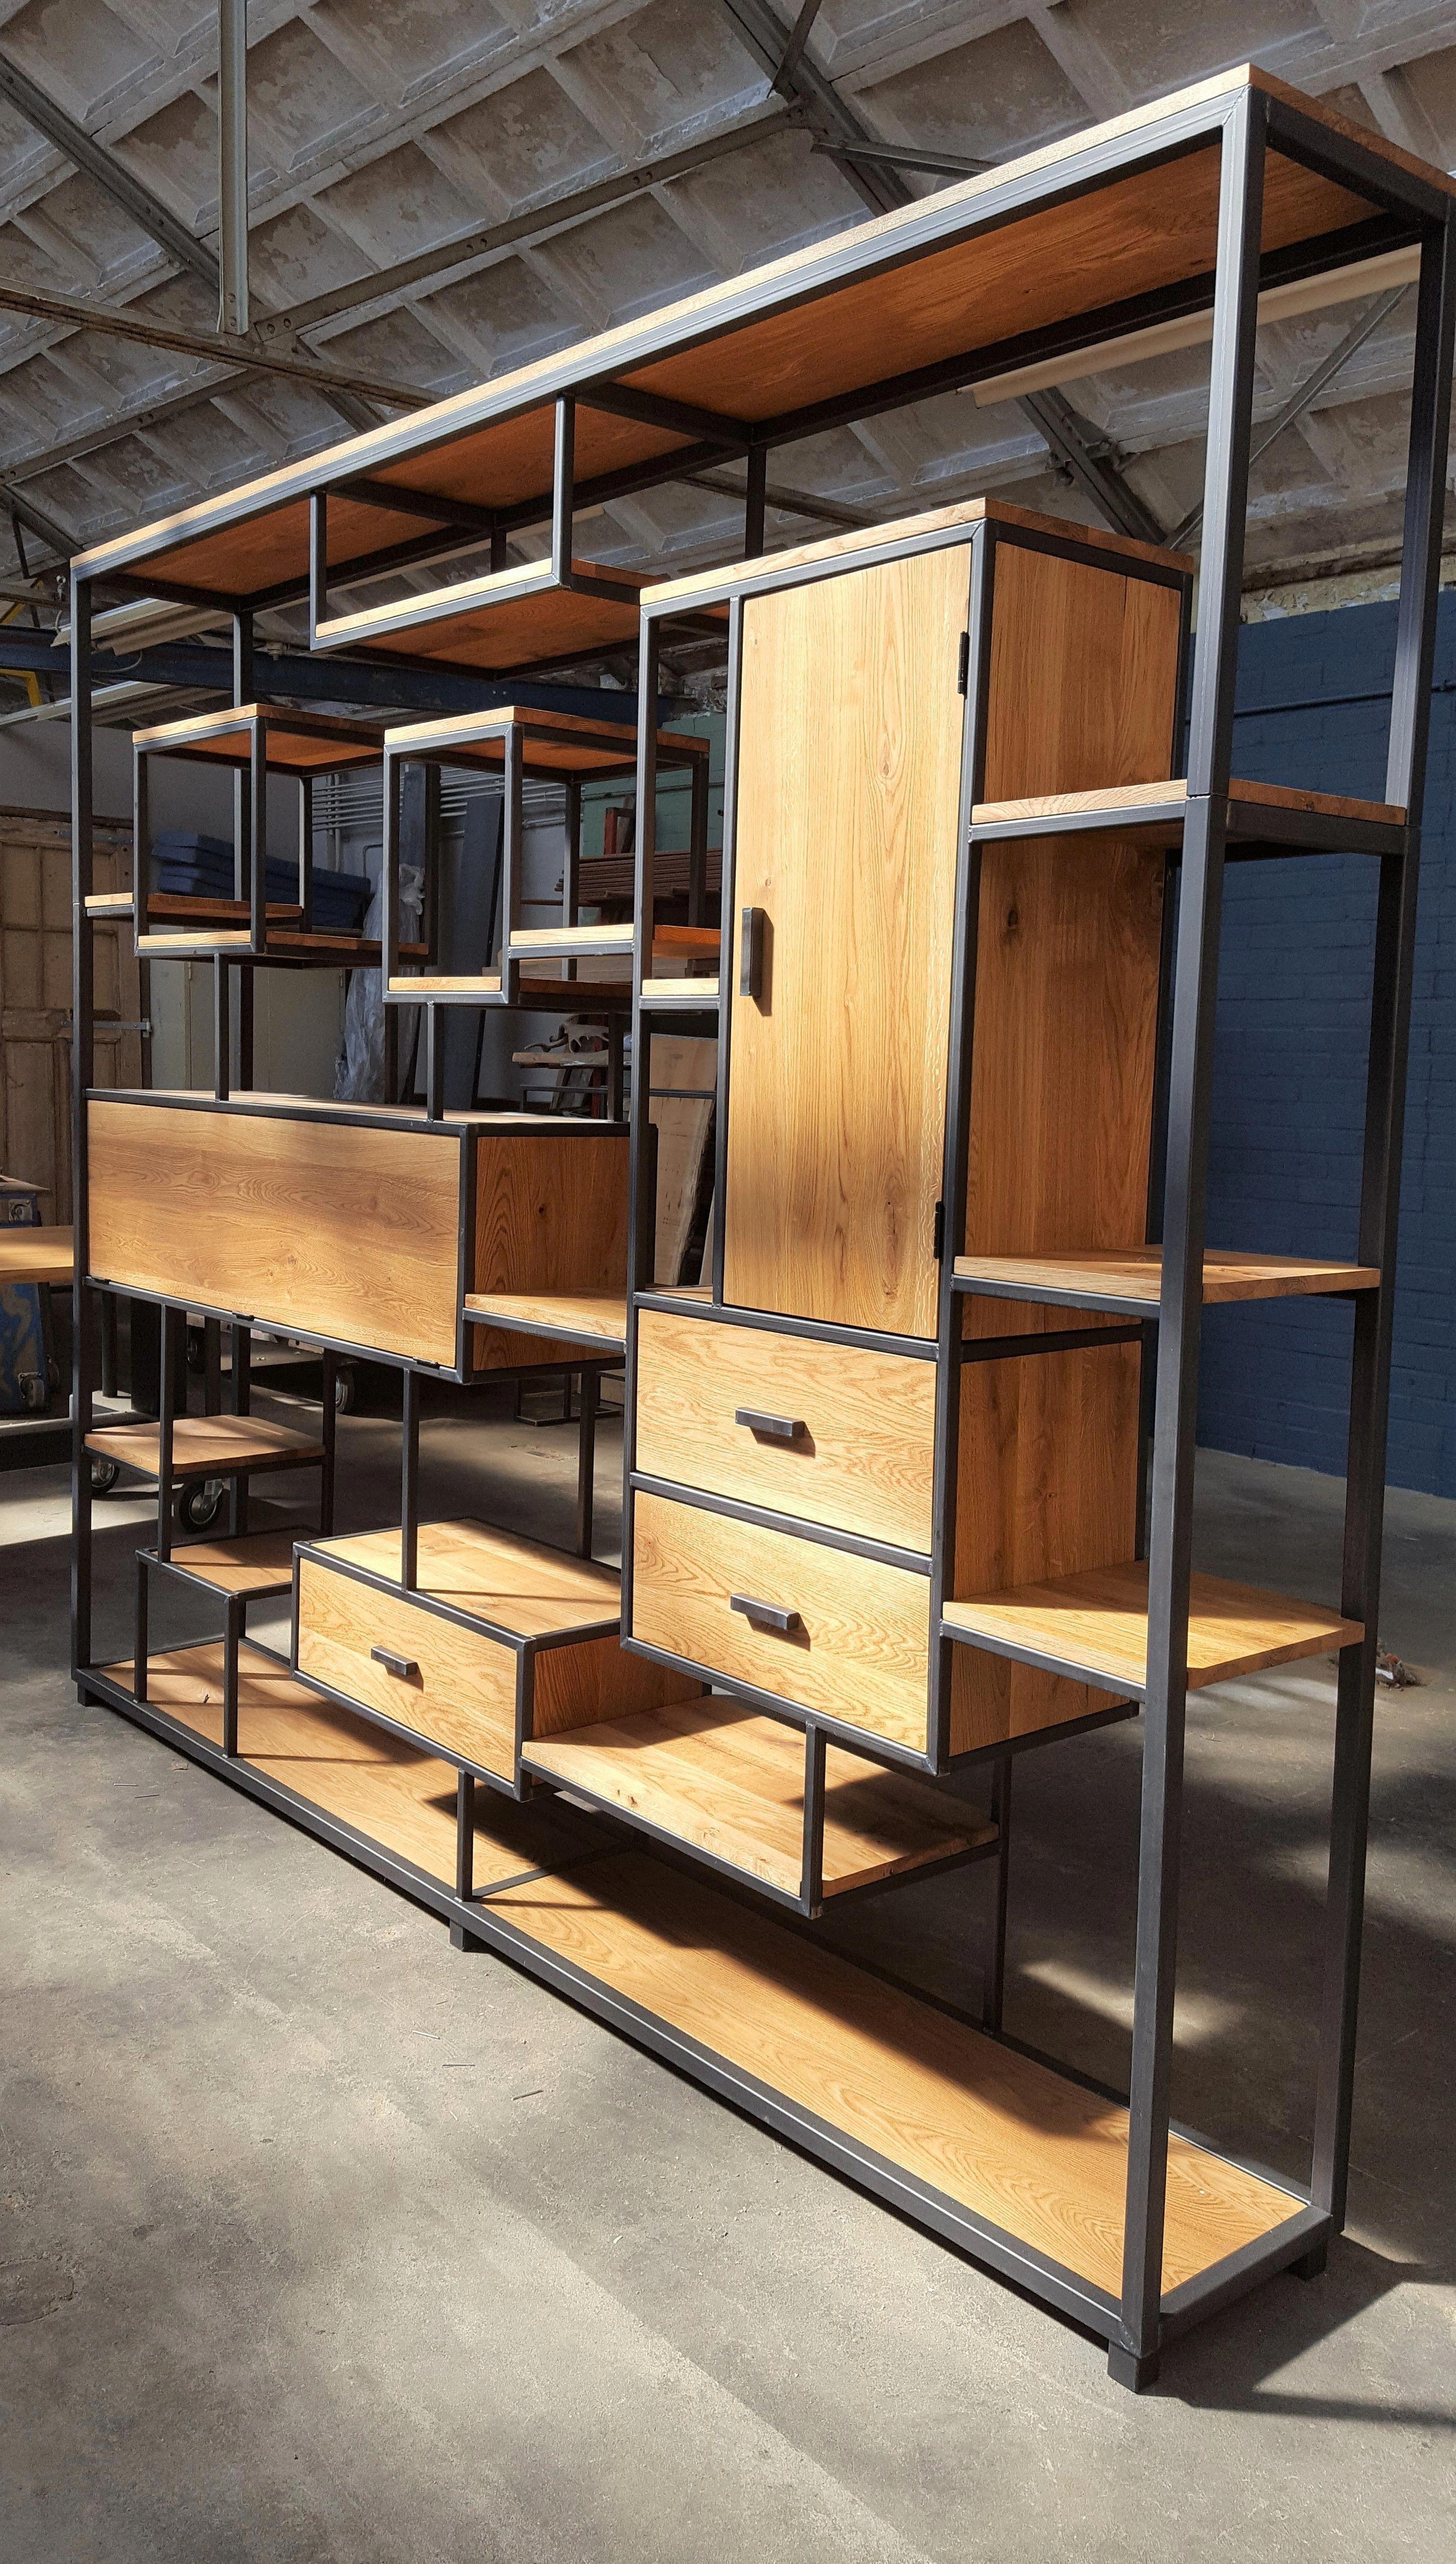 Furniture Discount Tampa Furnitureforcheap Product Id 5476287361 Rustikmobilya Furniture